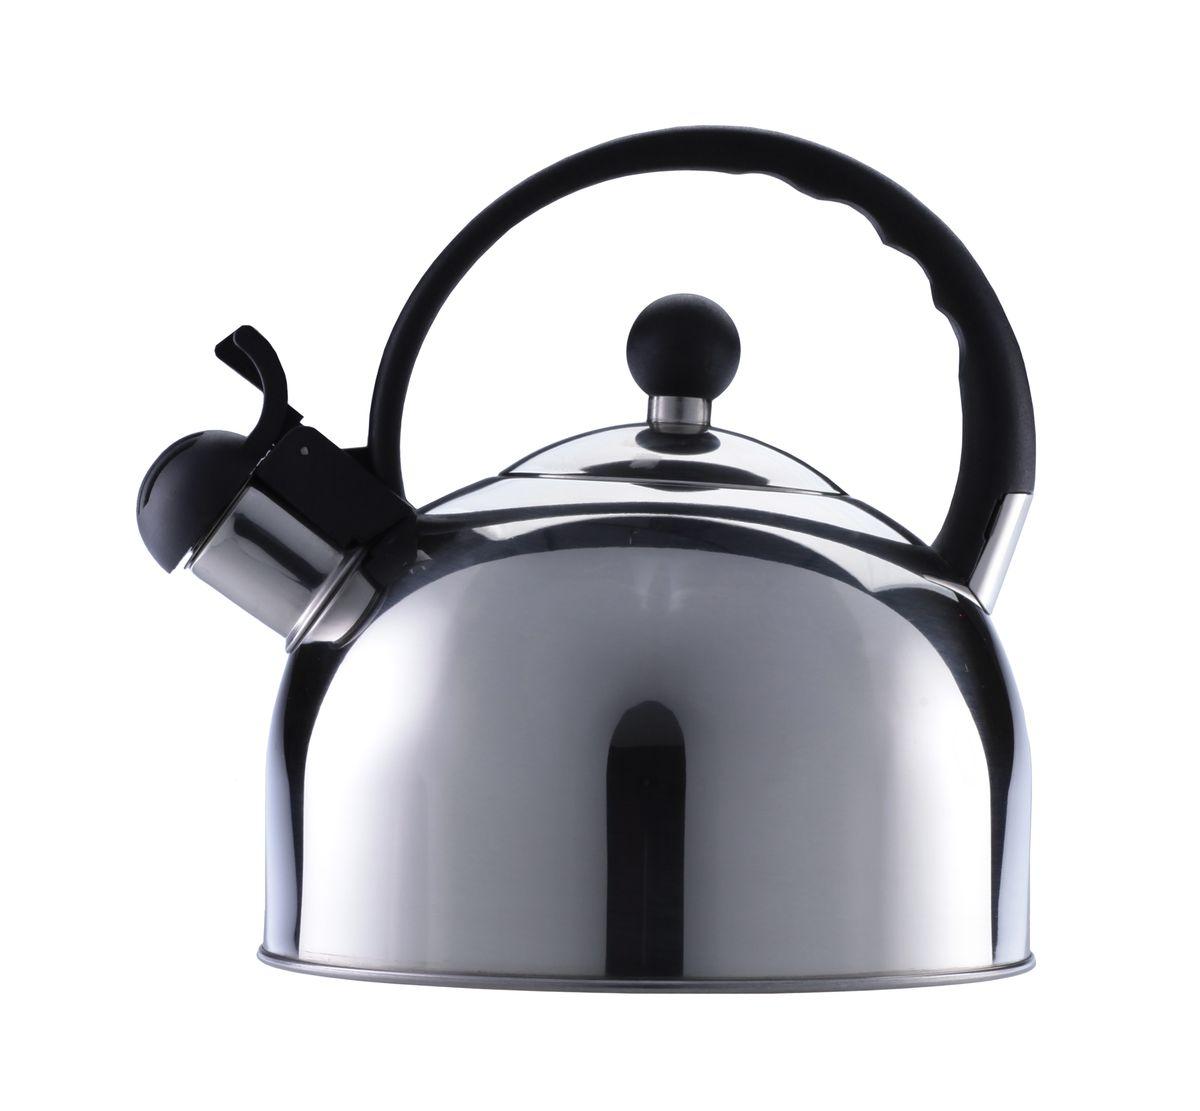 Чайник Walmer, 2,5 лW11000318Никто не расскажет об истинно британском качестве лучше, чем Walmer! Практичный чайник, изготовленный из нержавеющей стали, снабженный термоизолированной ручкой из бакелита и свистком, станет вашим верным помощником – сообщит о закипании и позволит безопасно налить кипяток. Вскипятить 2,5 литра воды буквально за несколько минут? С чайником от Walmer это возможно! Он оборудован трехслойным дном: использование в нем алюминиевого слоя позволяет максимально быстро нагревать весь объем содержимого. Чайник выполнен в элегантном, минималистичном стиле – холодный блеск нержавеющей стали отлично гармонирует с любой цветовой палитрой посуды на современной кухне. Свисток чайника одновременно выполняет и защитную функцию, закрывая носик и блокируя путь брызгам воды при закипании – оборудованный предохранительной накладкой из бакелита, он никогда не станет причиной ожога. Представленный чайник от Walmer подходит для любых типов плит, включая индукционные. Его легко мыть, он не требует особенных усилий в уходе и, благодаря вытянутому по вертикали корпусу, экономит свободное место на плите или кухонной столешнице.